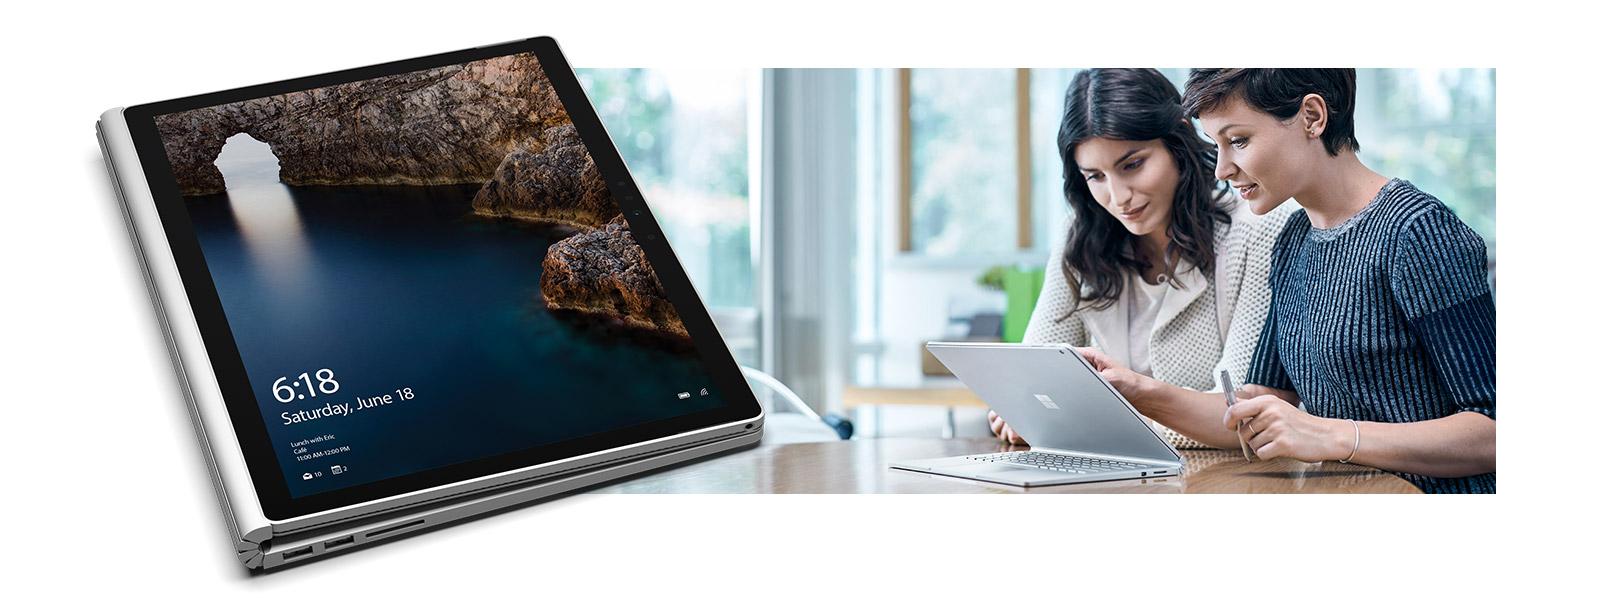 Surface Book im Canvas-Modus, daneben das Bild zweier Frauen, die am Schreibtisch sitzen und auf einem Surface Book arbeiten